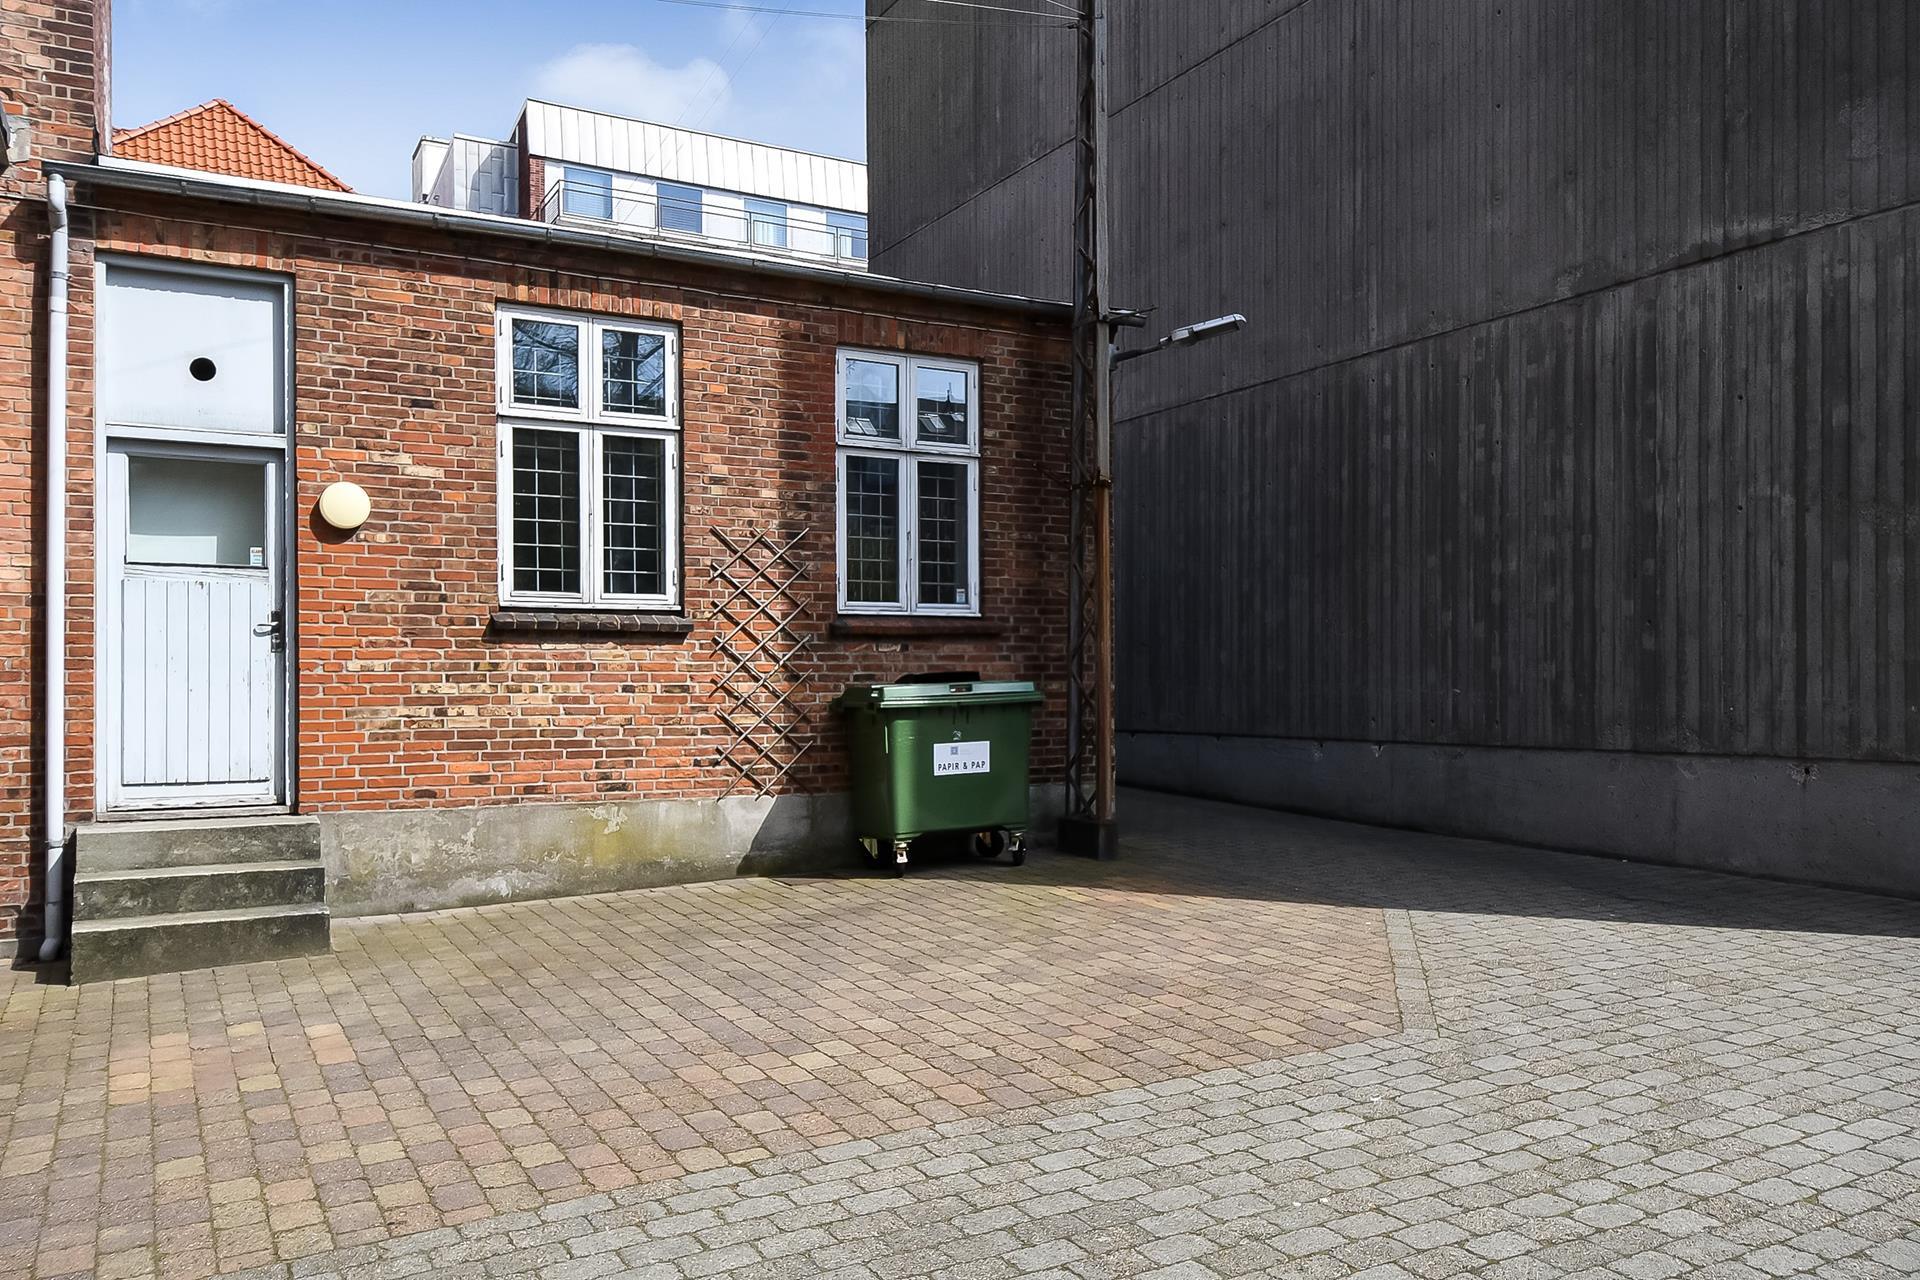 Bolig/erhverv på Nørregade i Esbjerg - Ejendommen